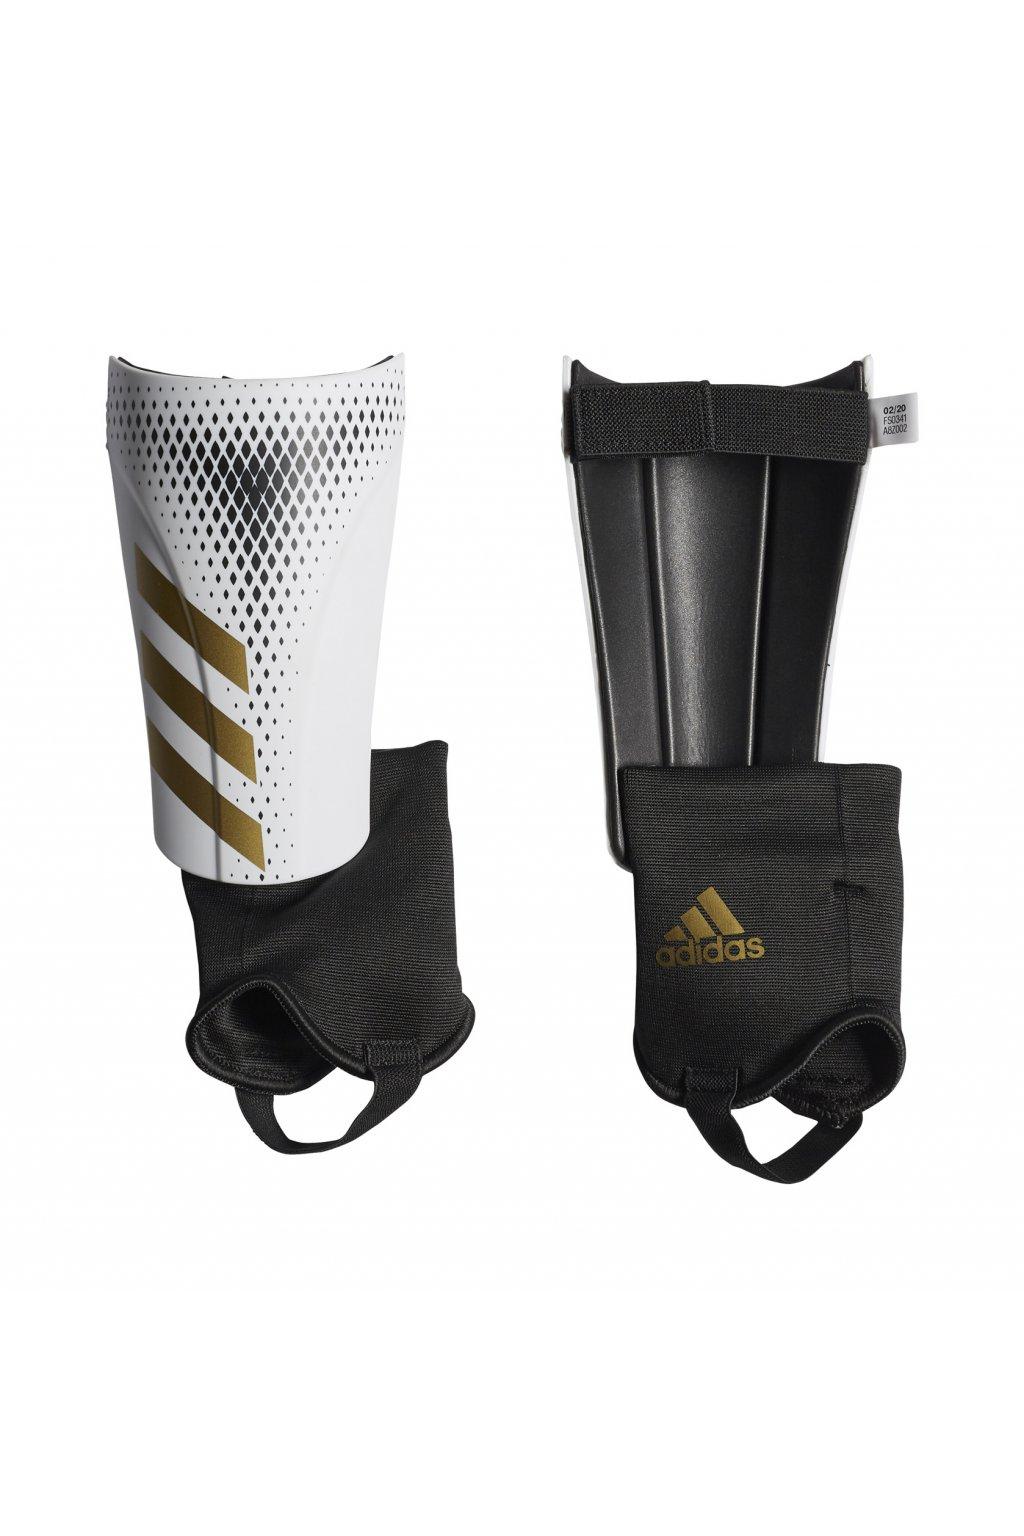 Chrániče pre dospelých Adidas Predator SG FS0341